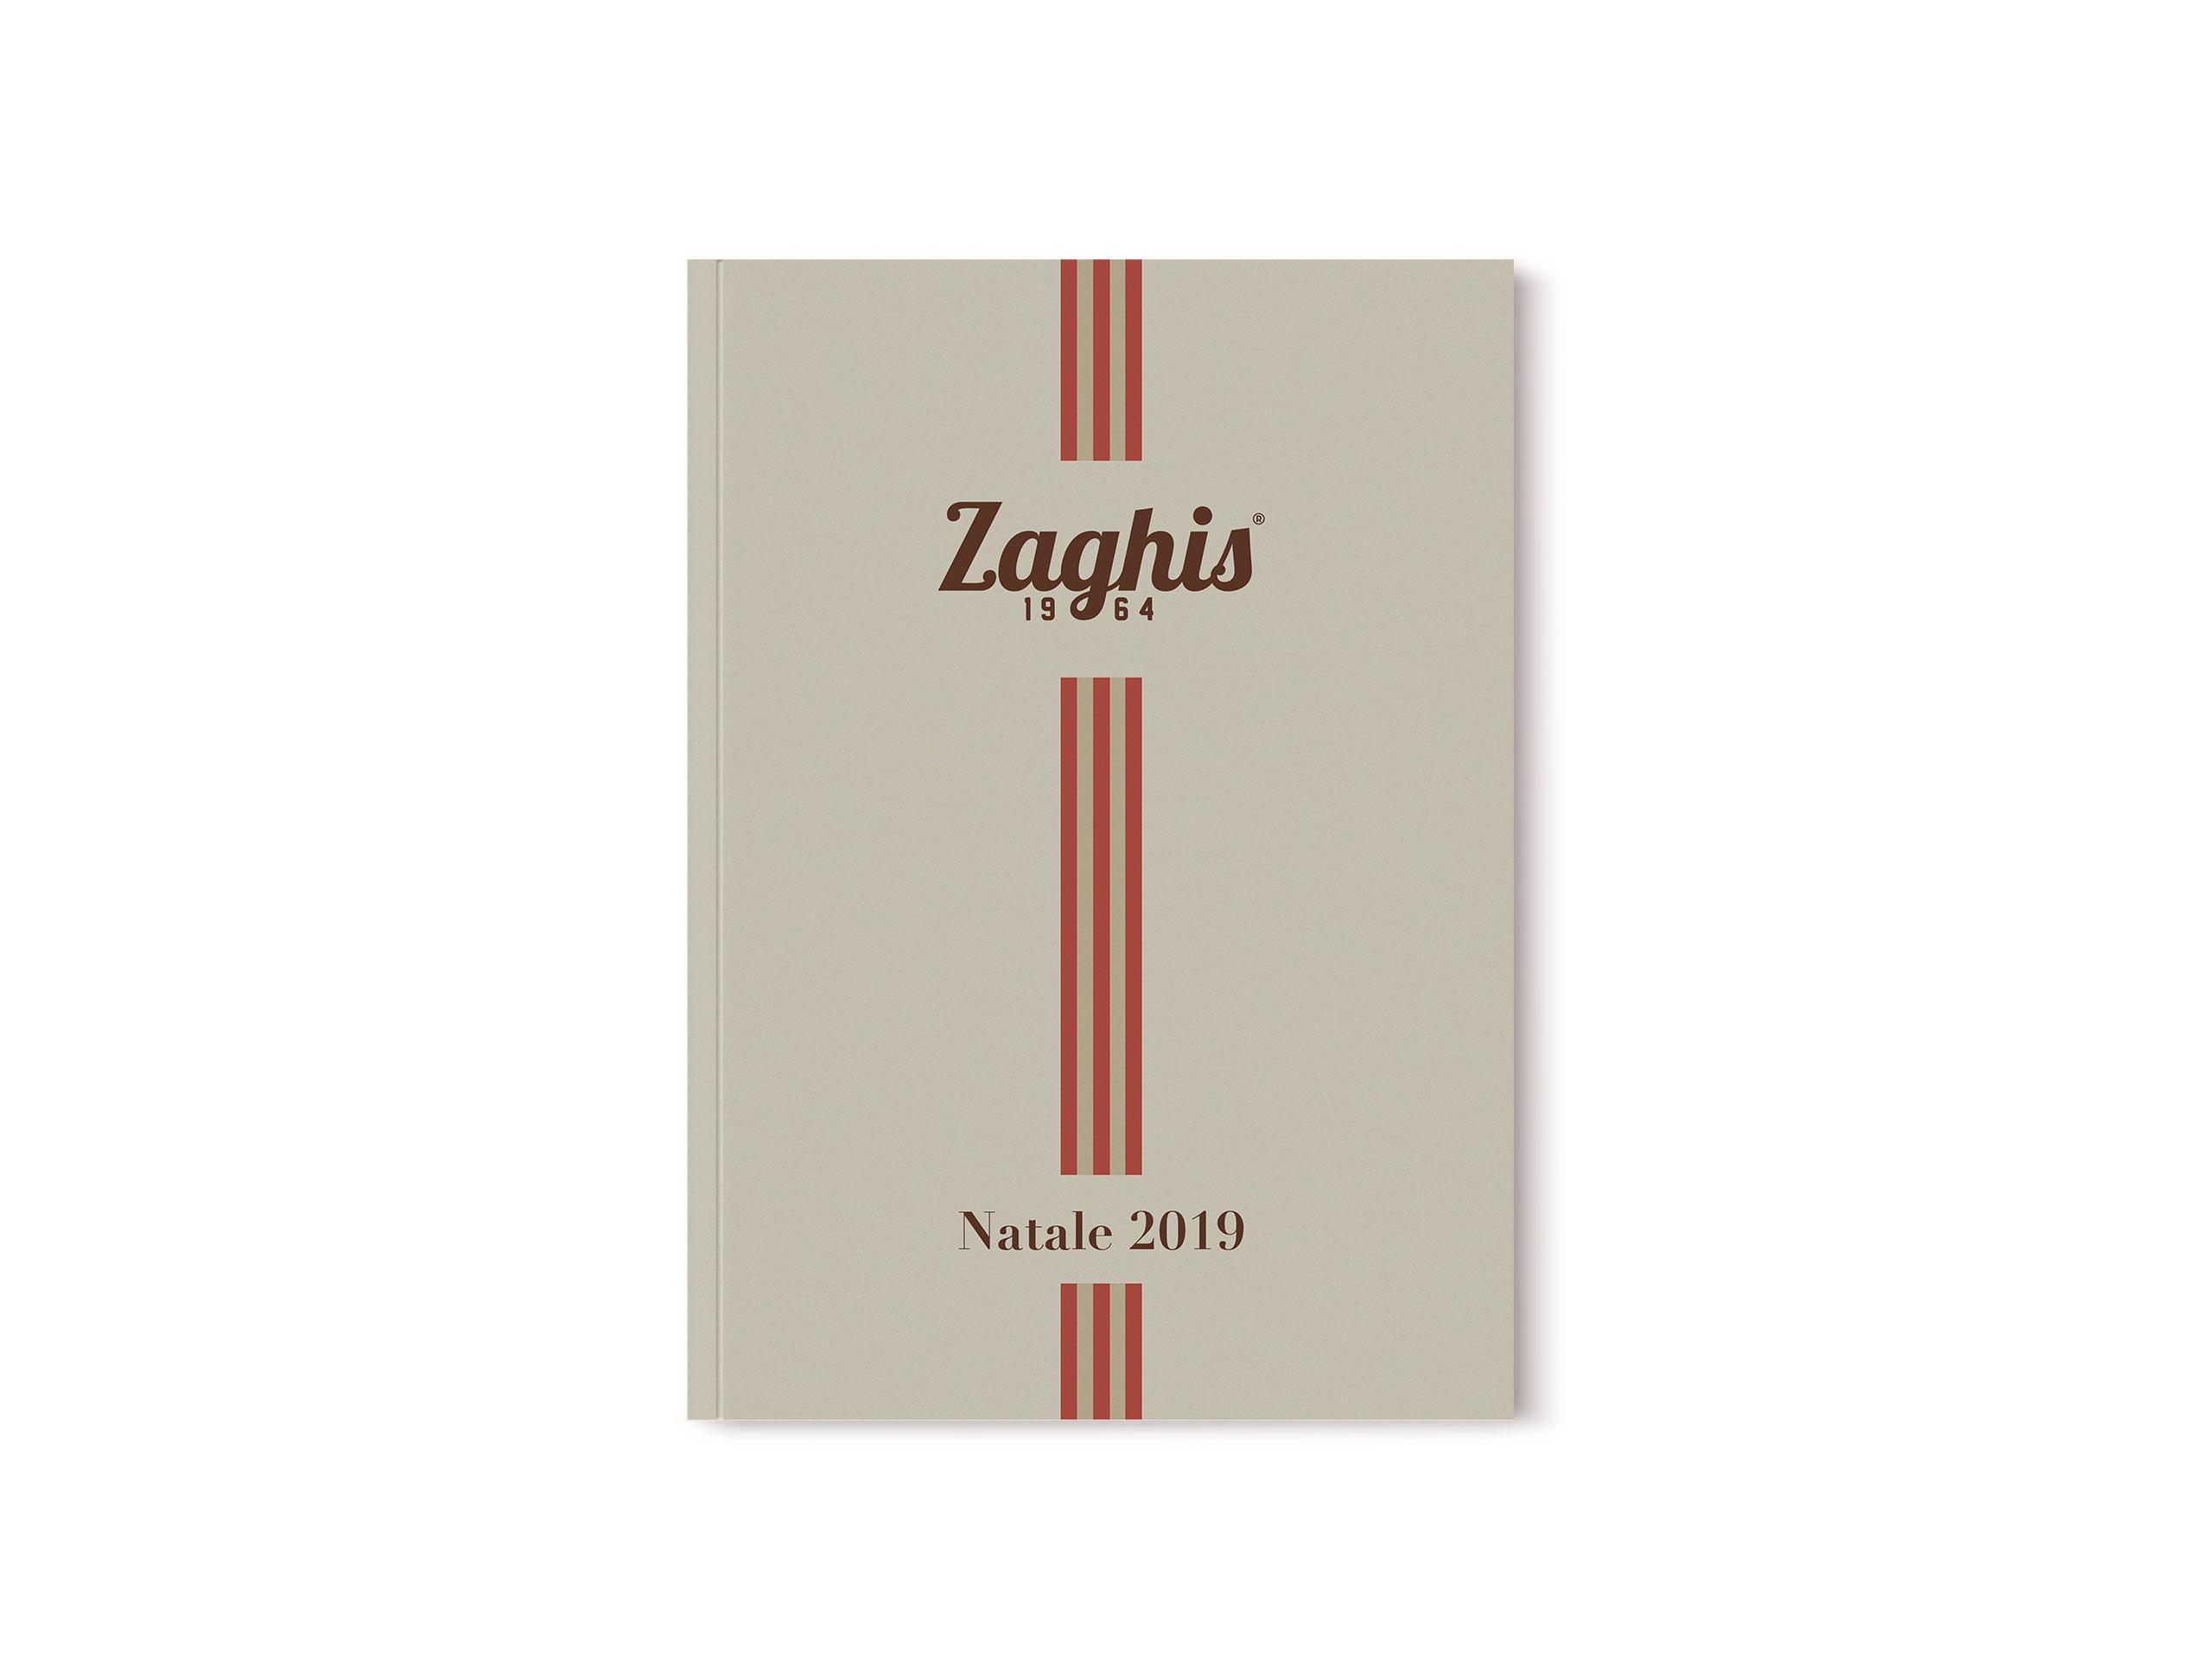 zaghis-catalogo-natale-10